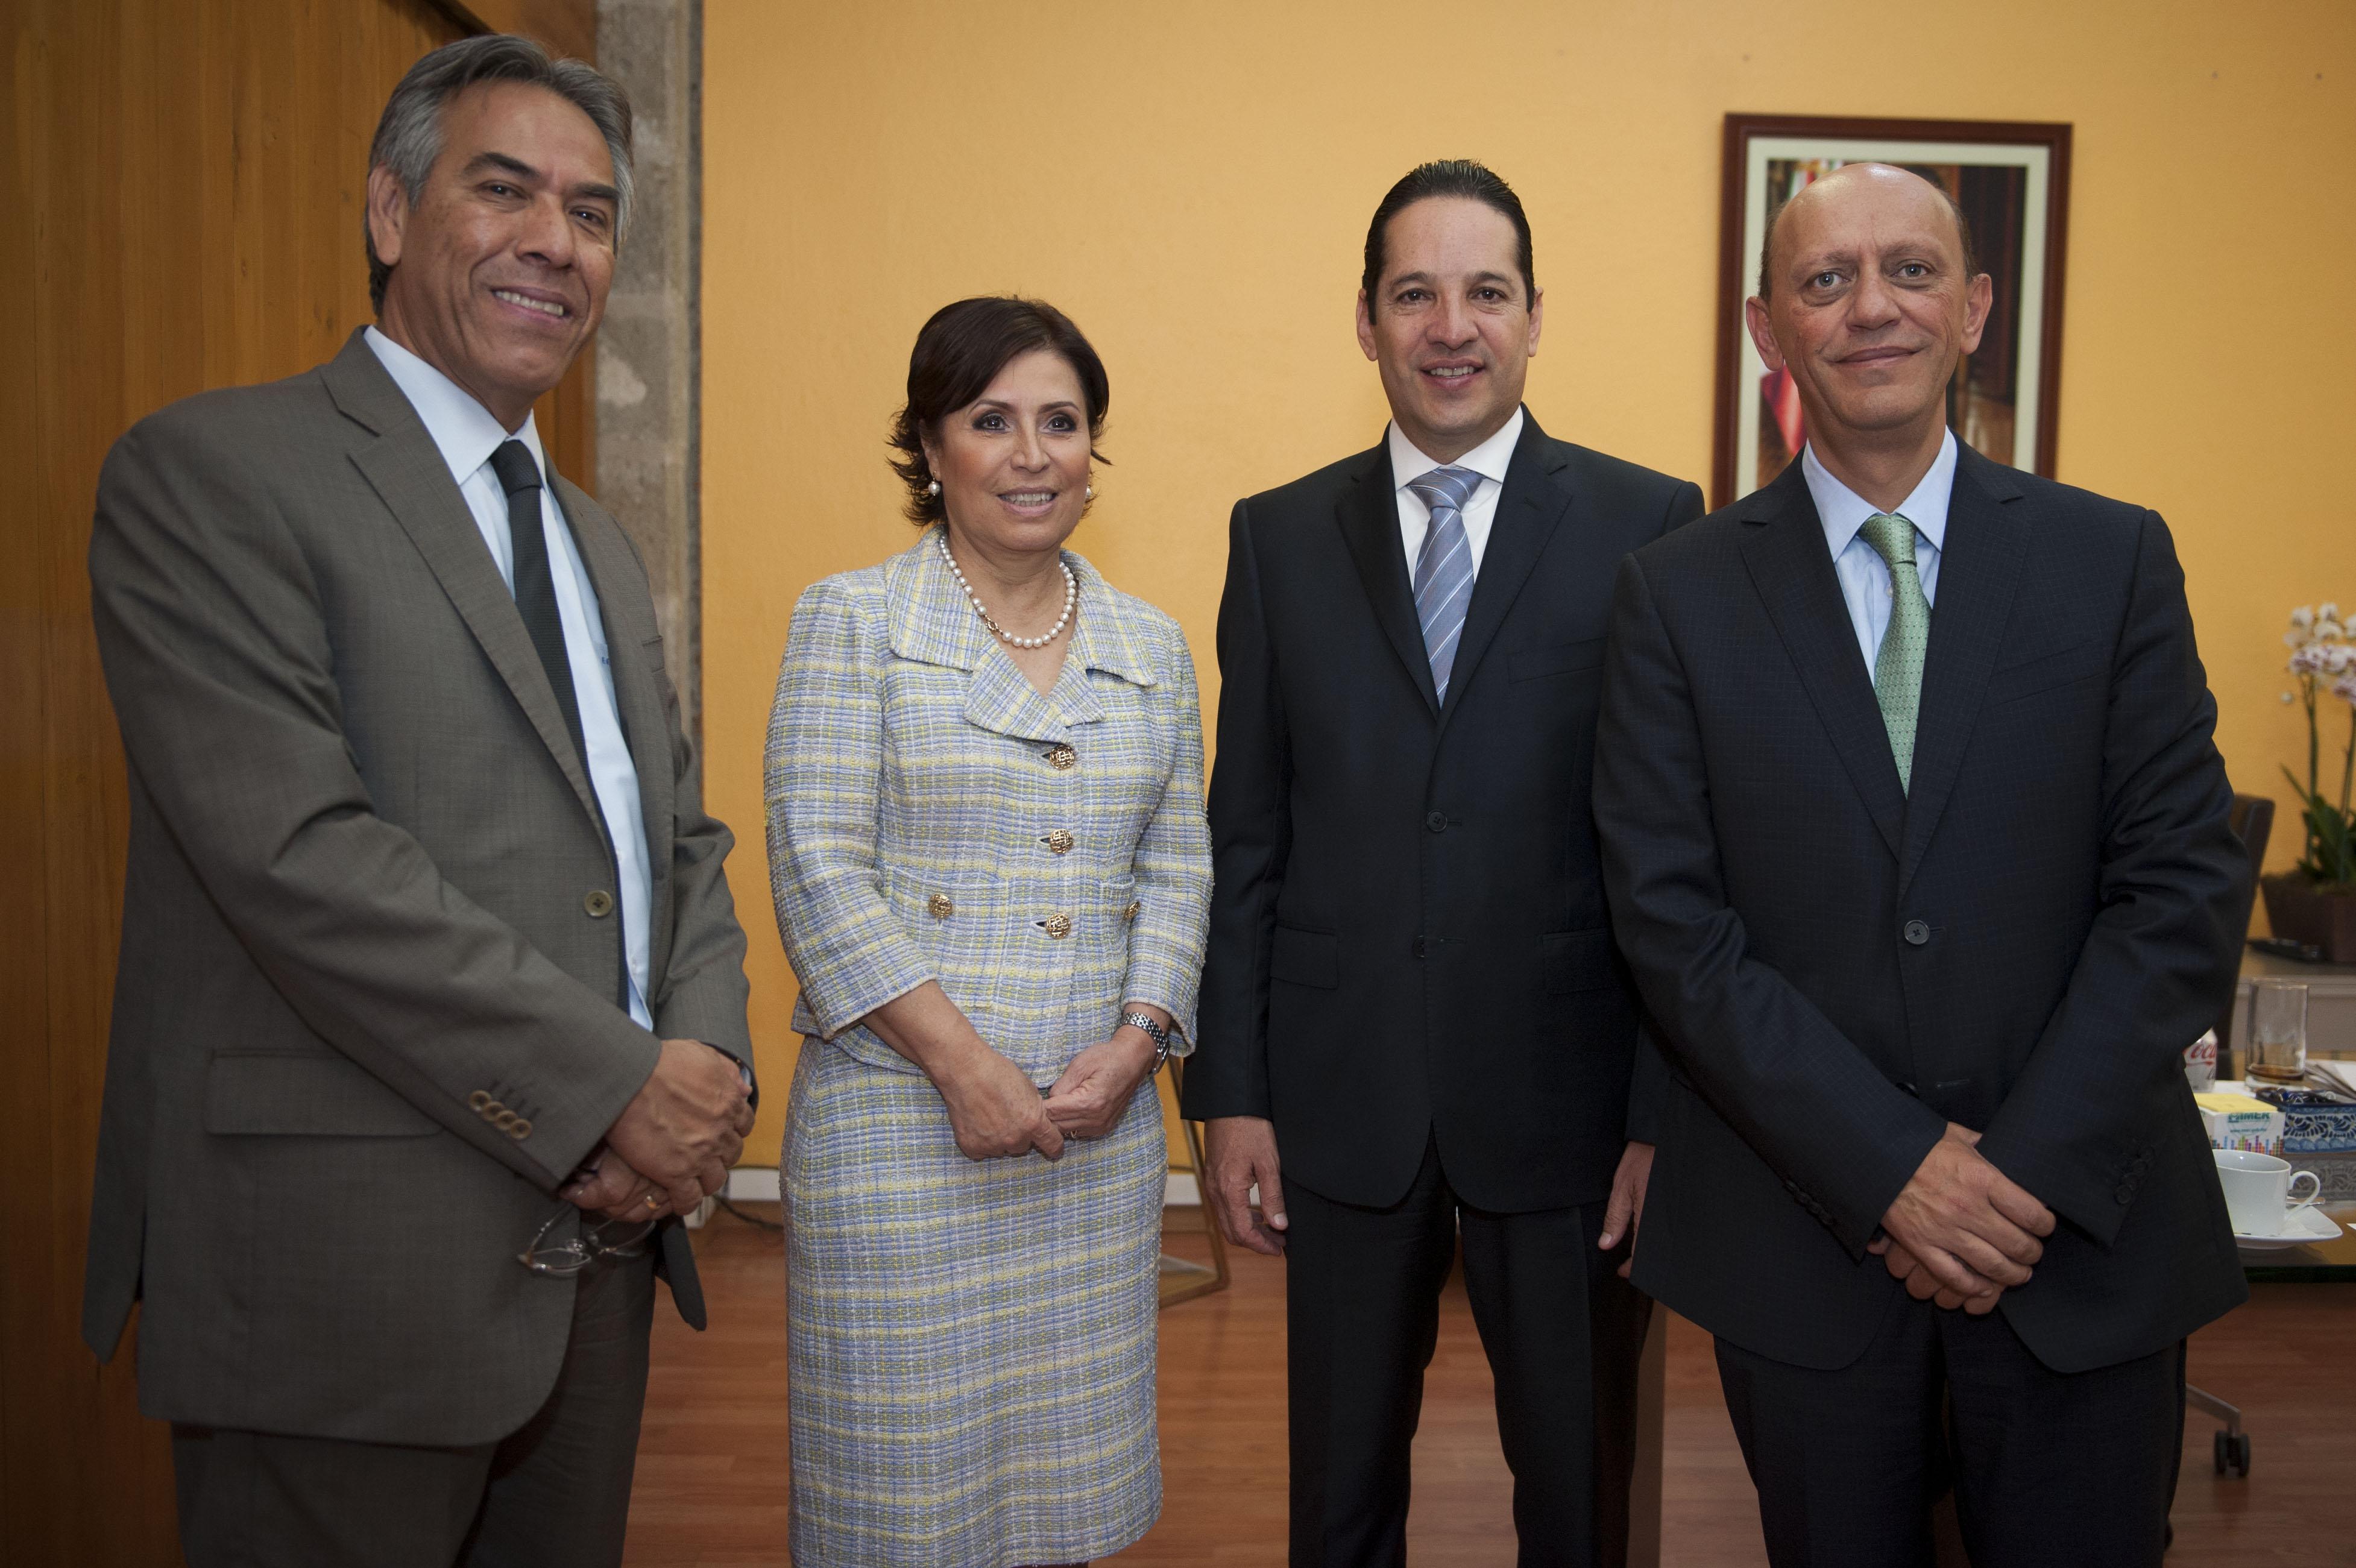 La Titular de SEDATU, Rosario Robles Berlanga, acompañada de los subsecretarios Enrique González Tiburcio, y Juan Carlos Lastiri Quirós, recibió en su despacho al gobernador electo de Querétaro, Francisco Domínguez Servién.